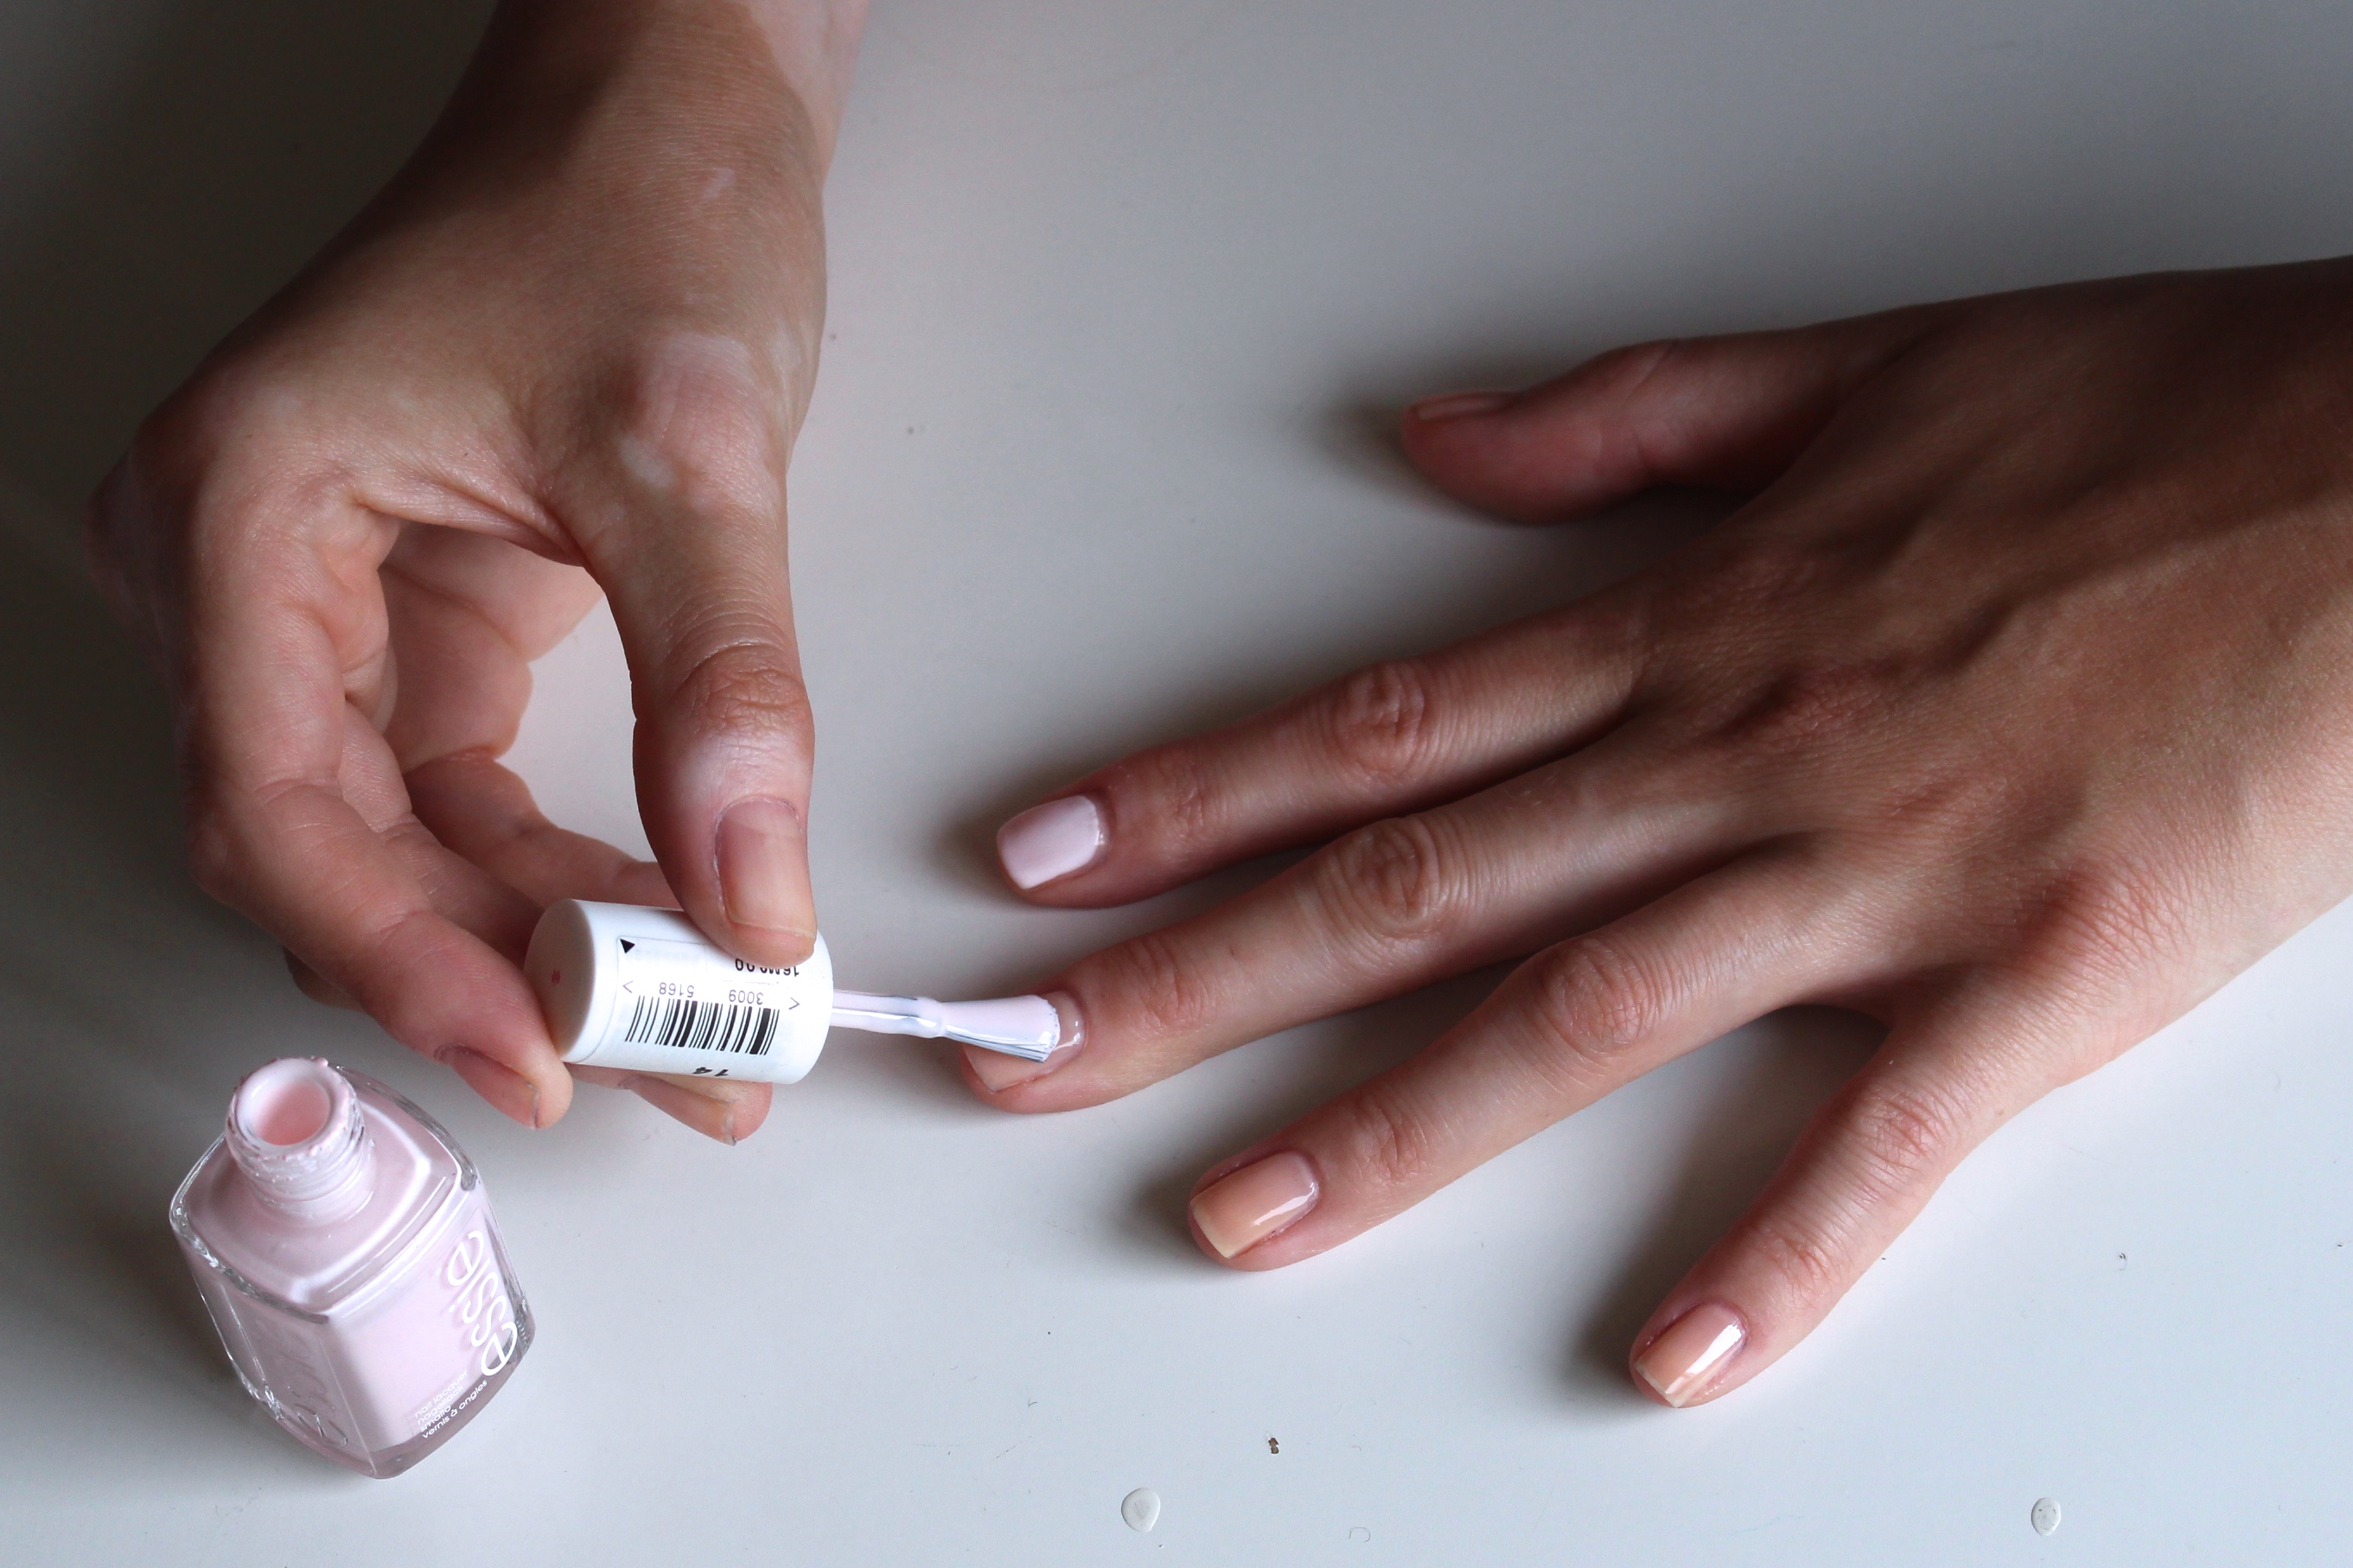 Nagelpflege